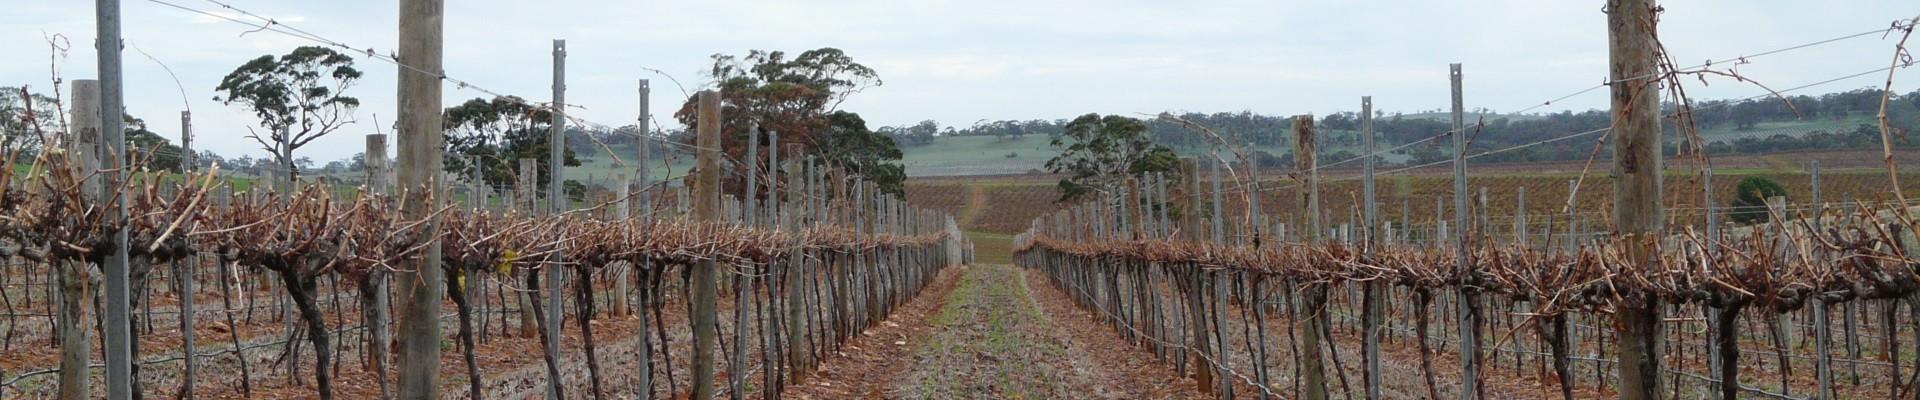 Vines after barrel pruning - Ackland Vineyard Services